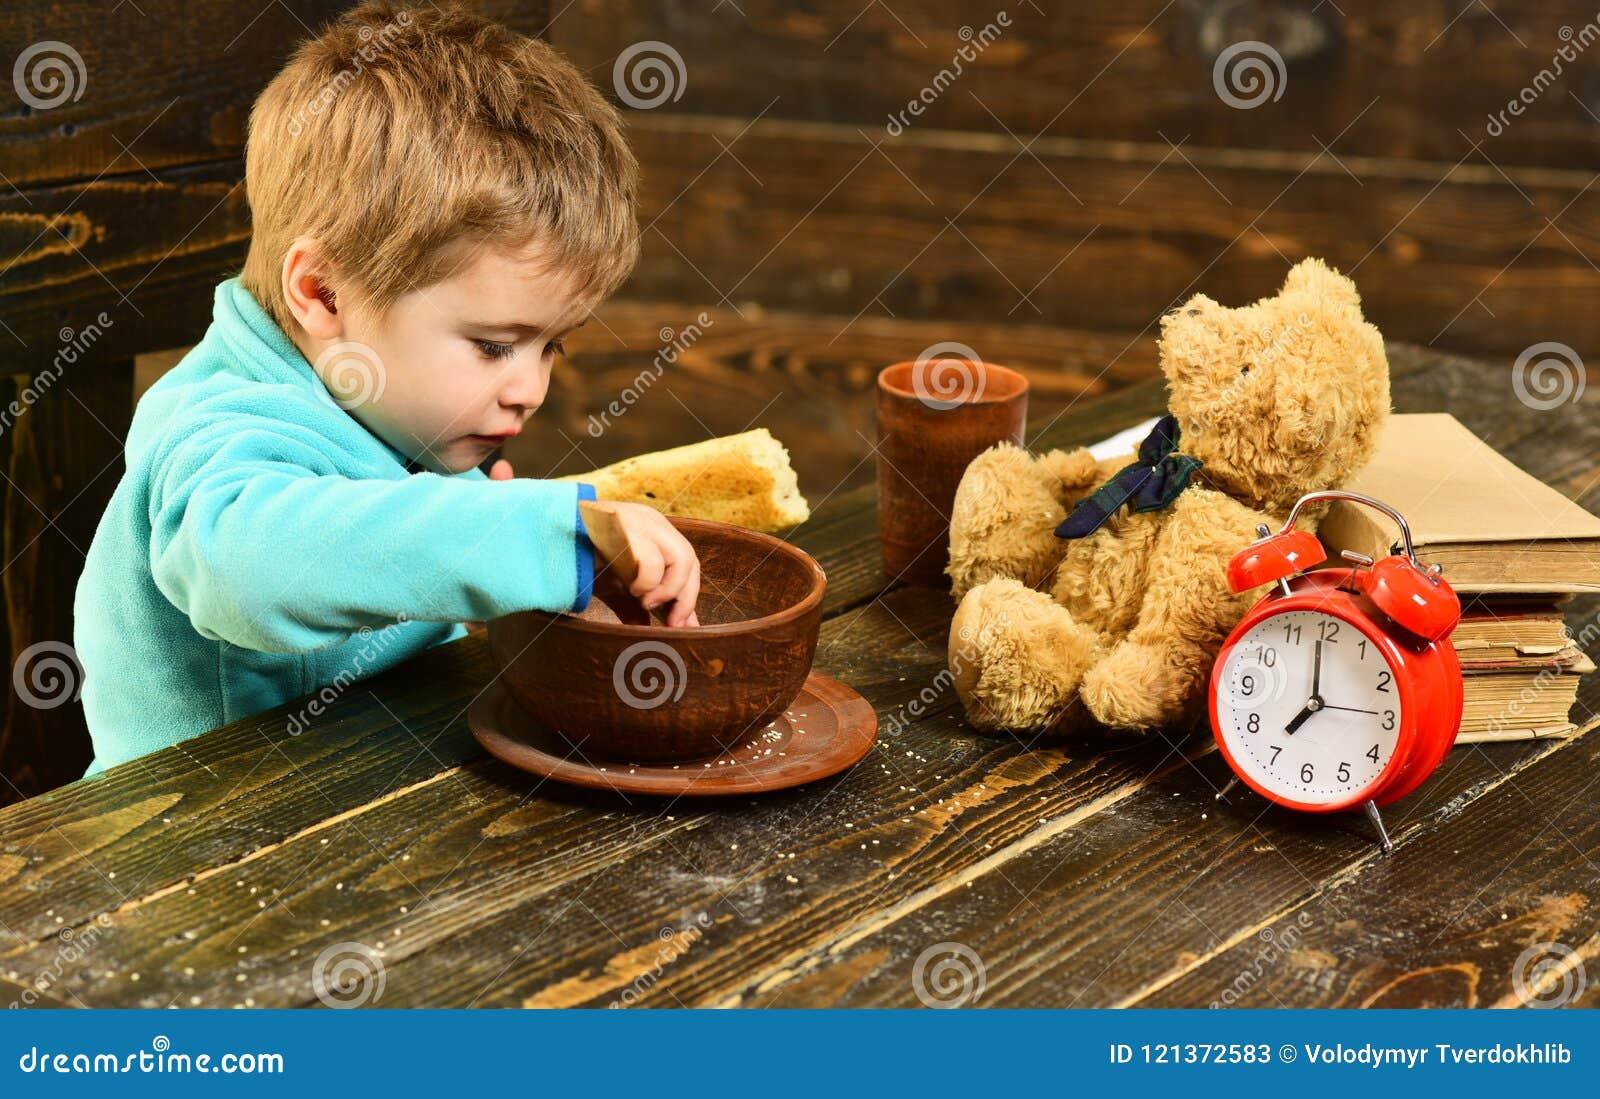 Ребенк ест еду на деревянном столе Ребенк наслаждается едой с другом игрушки Меню ребенк Еда маленького ребенка съешьте чего вы